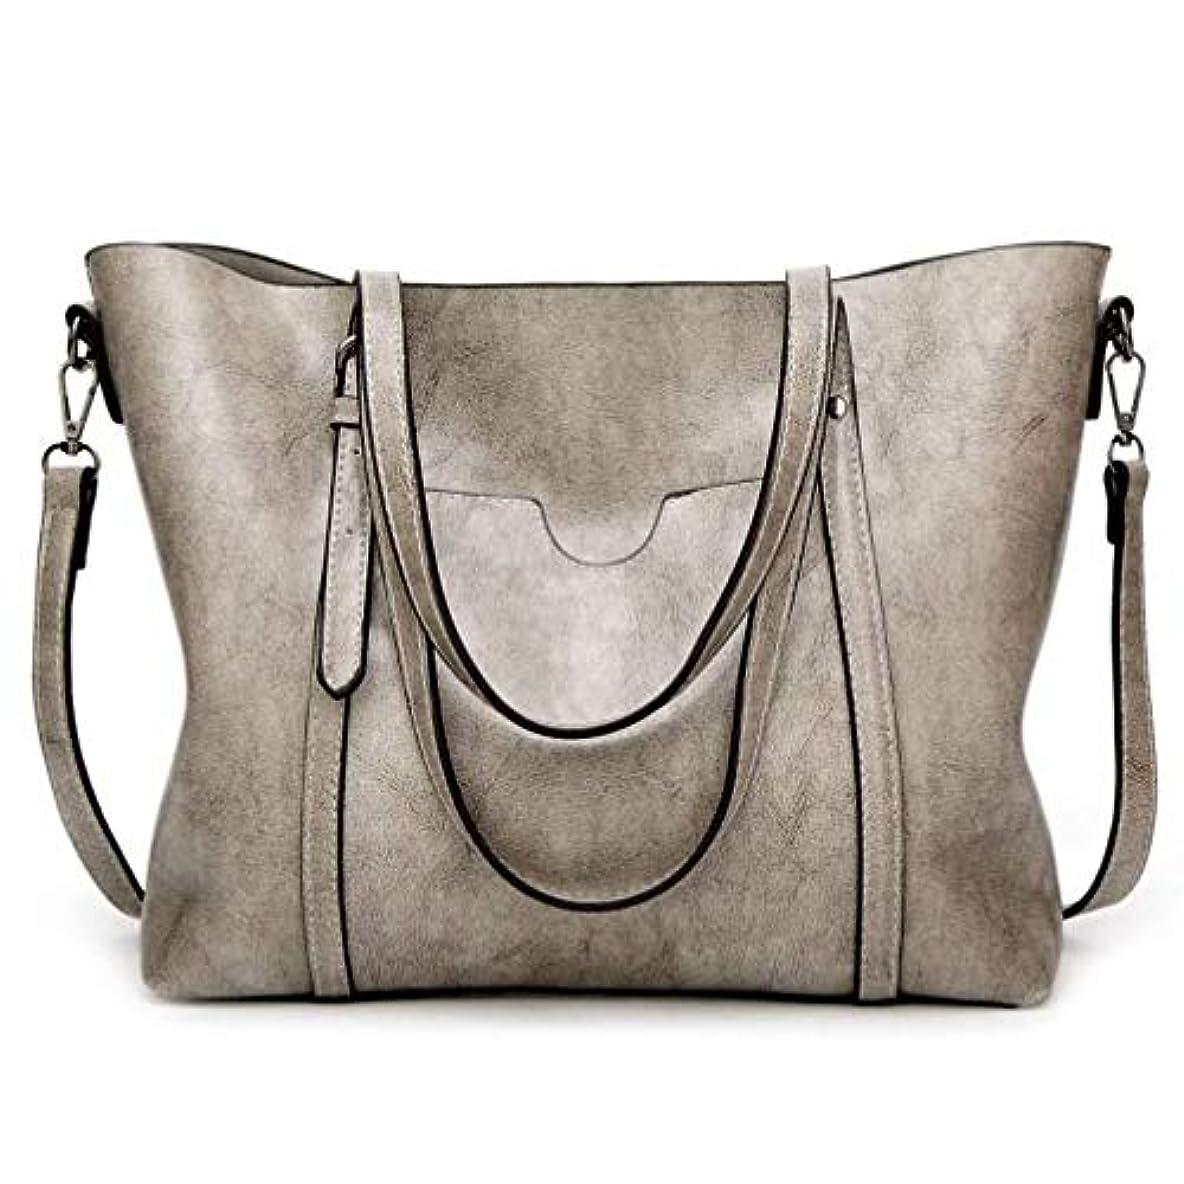 濃度感動する不道徳TcIFE ハンドバッグ レディース トートバッグ 大容量 無地 ショルダーバッグ 2way シンプル バッグ